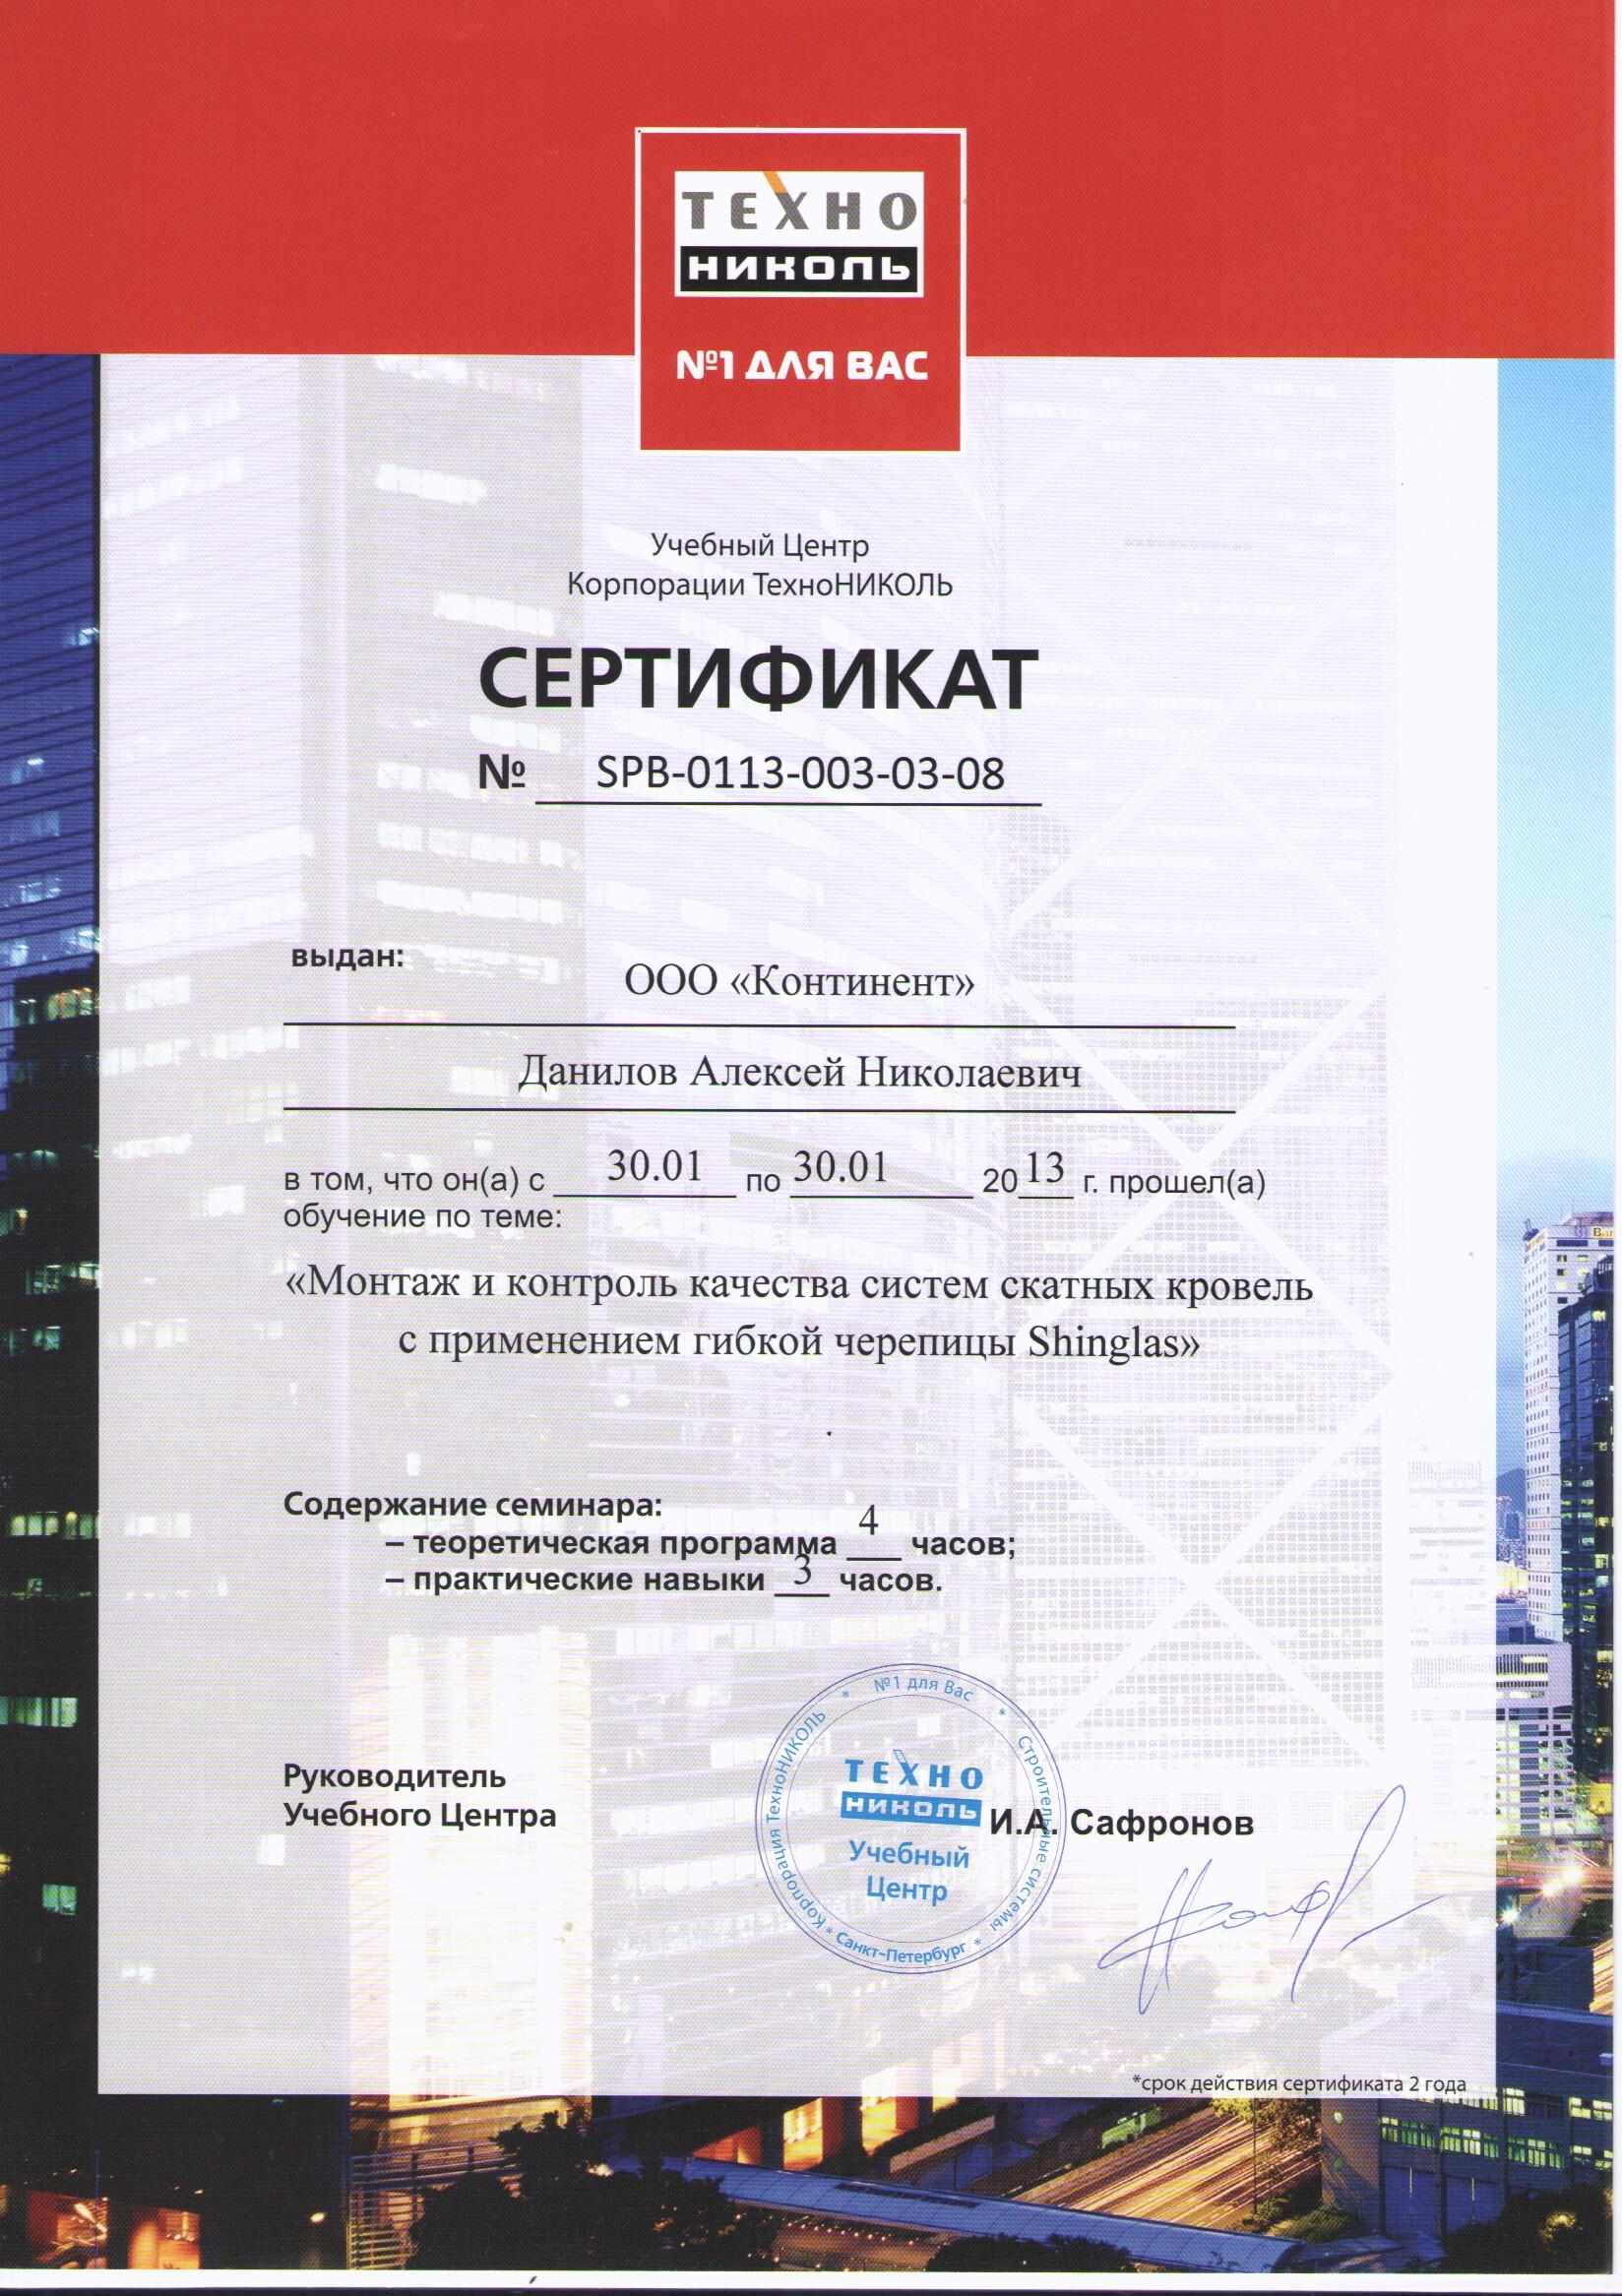 Сертификат ТехноНИКОЛЬ